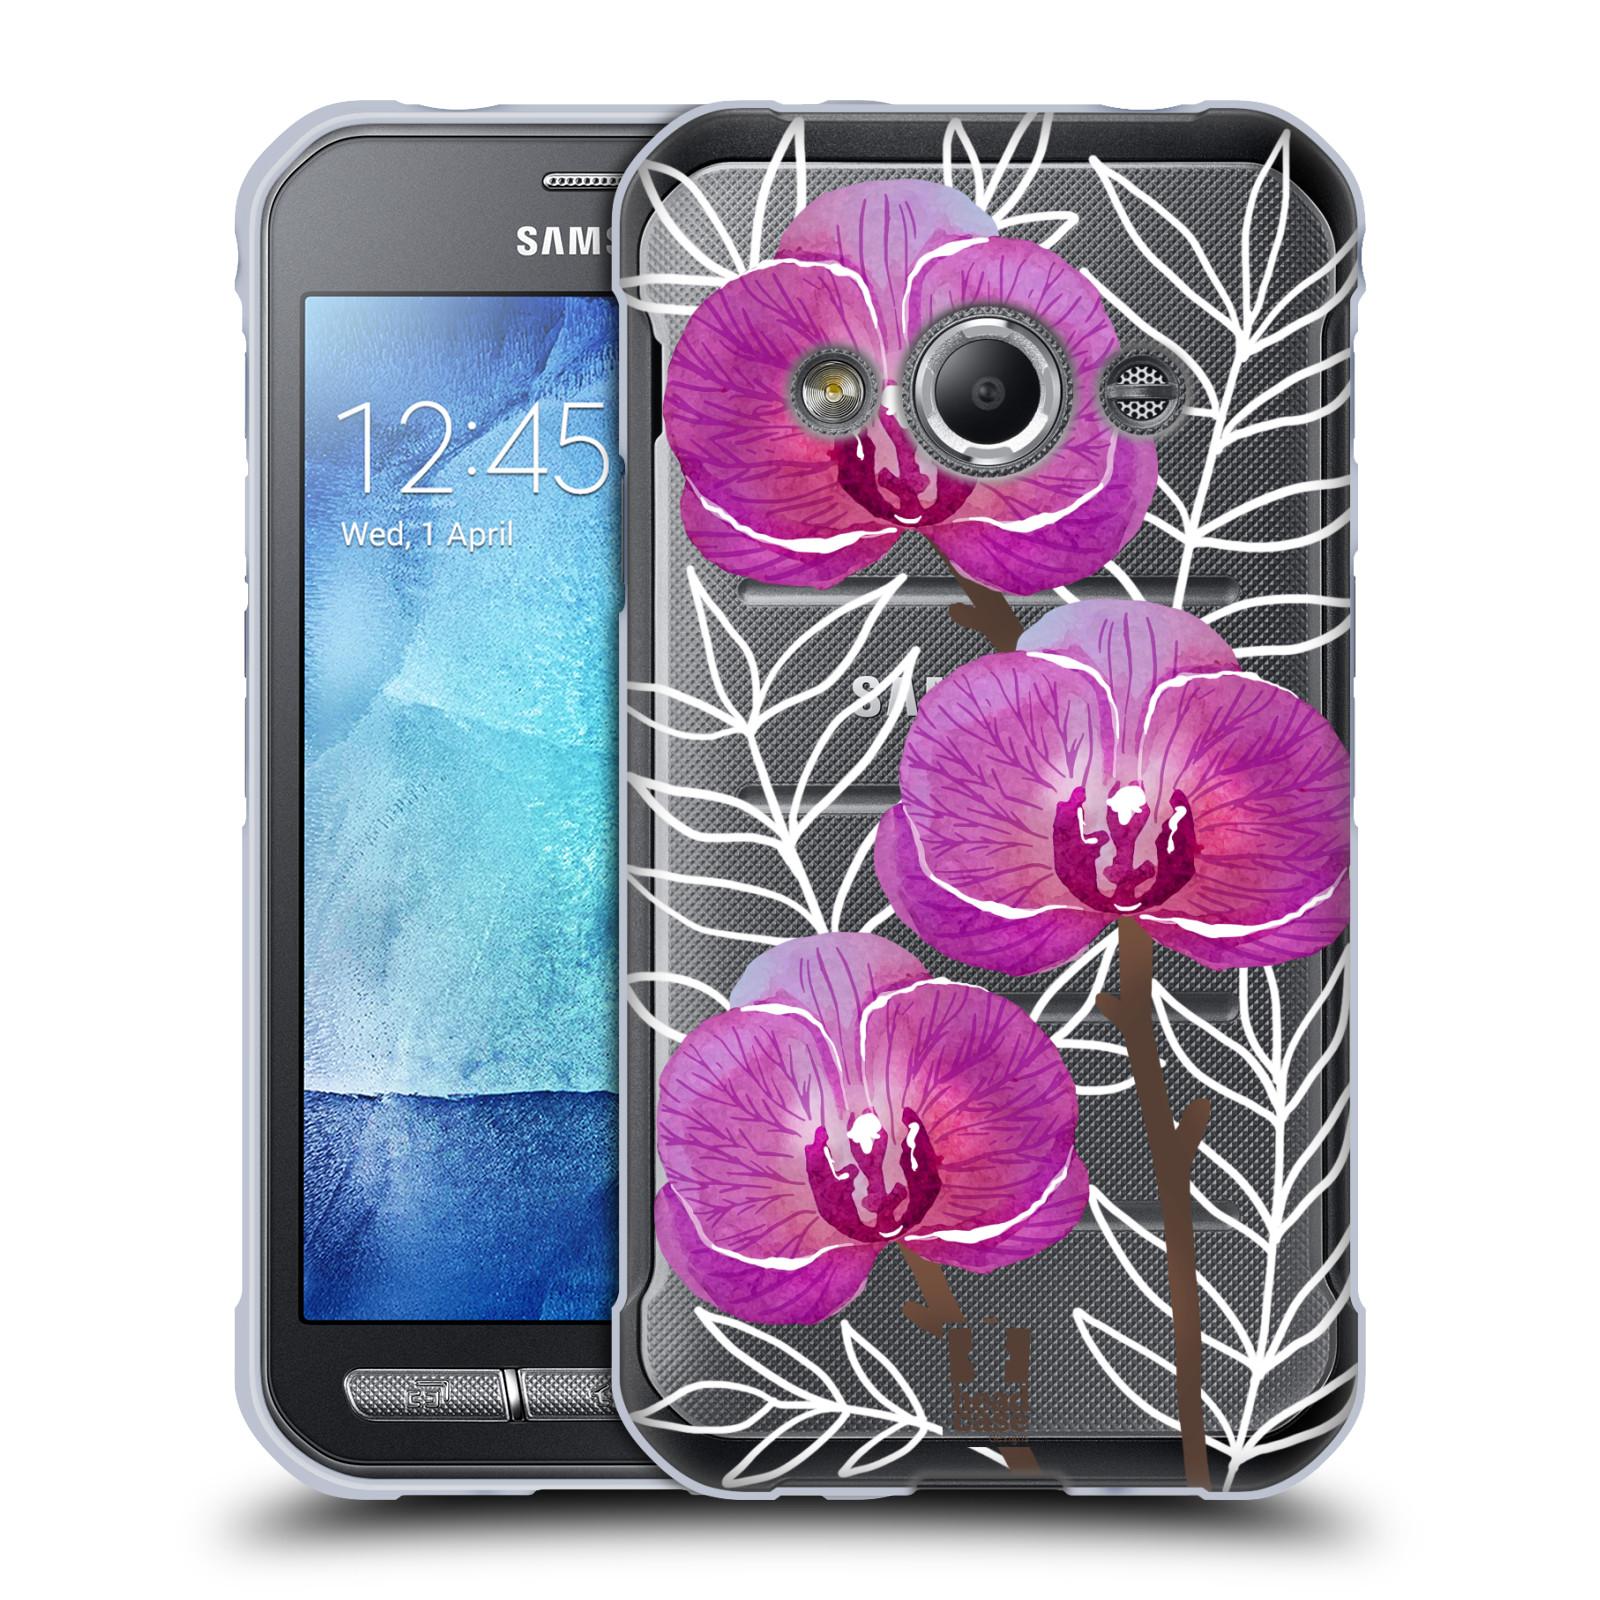 Silikonové pouzdro na mobil Samsung Galaxy Xcover 3 - Head Case - Hezoučké kvítky - průhledné